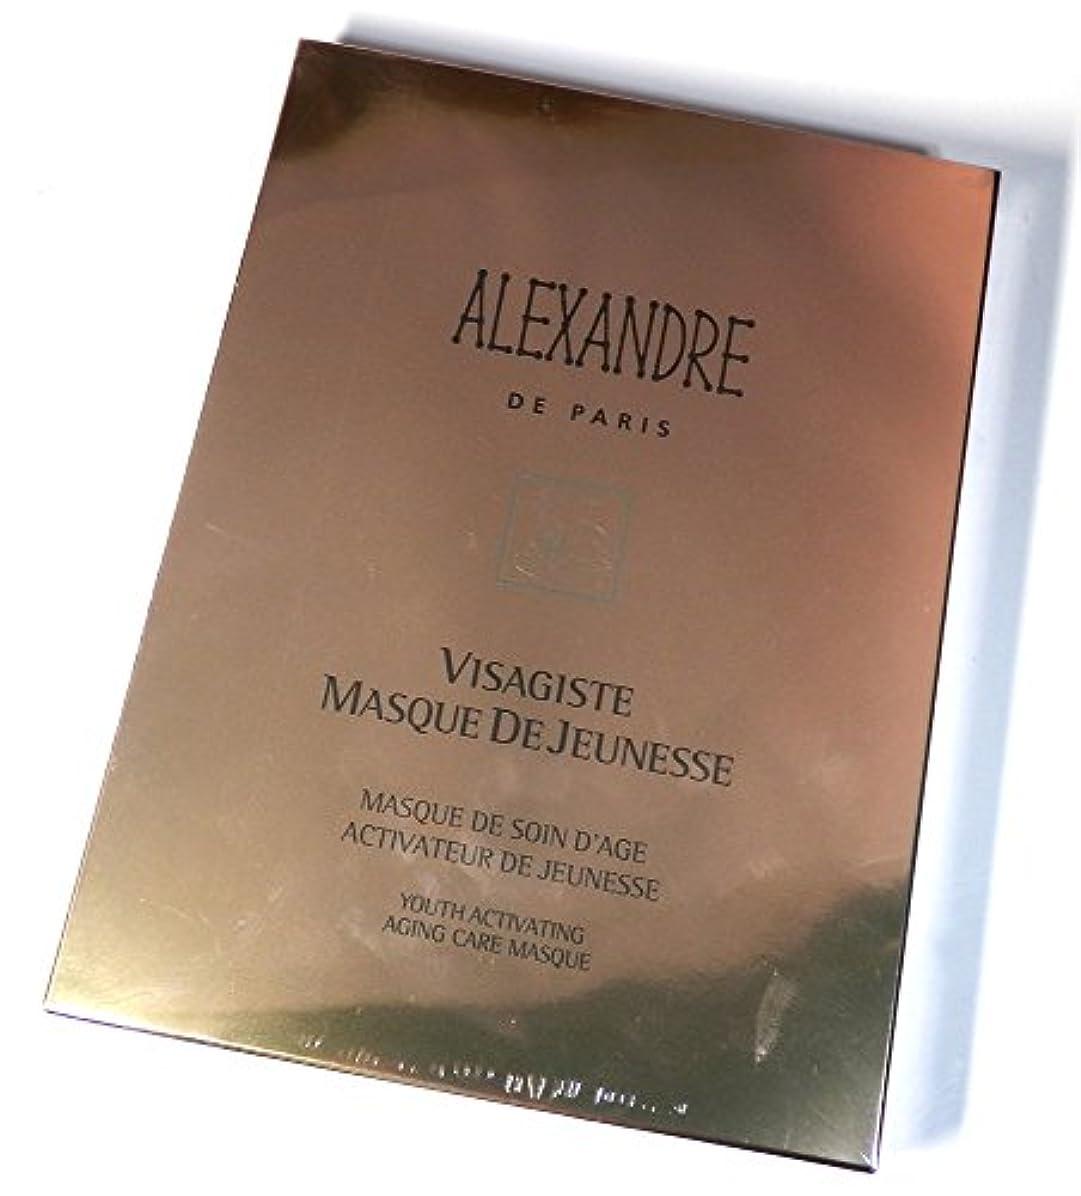 着陸良い縞模様のアレクサンドルドゥパリ ヴィザジスト マスクドゥジュネス(シート状トリートメントマスク)16mL×6枚 新品